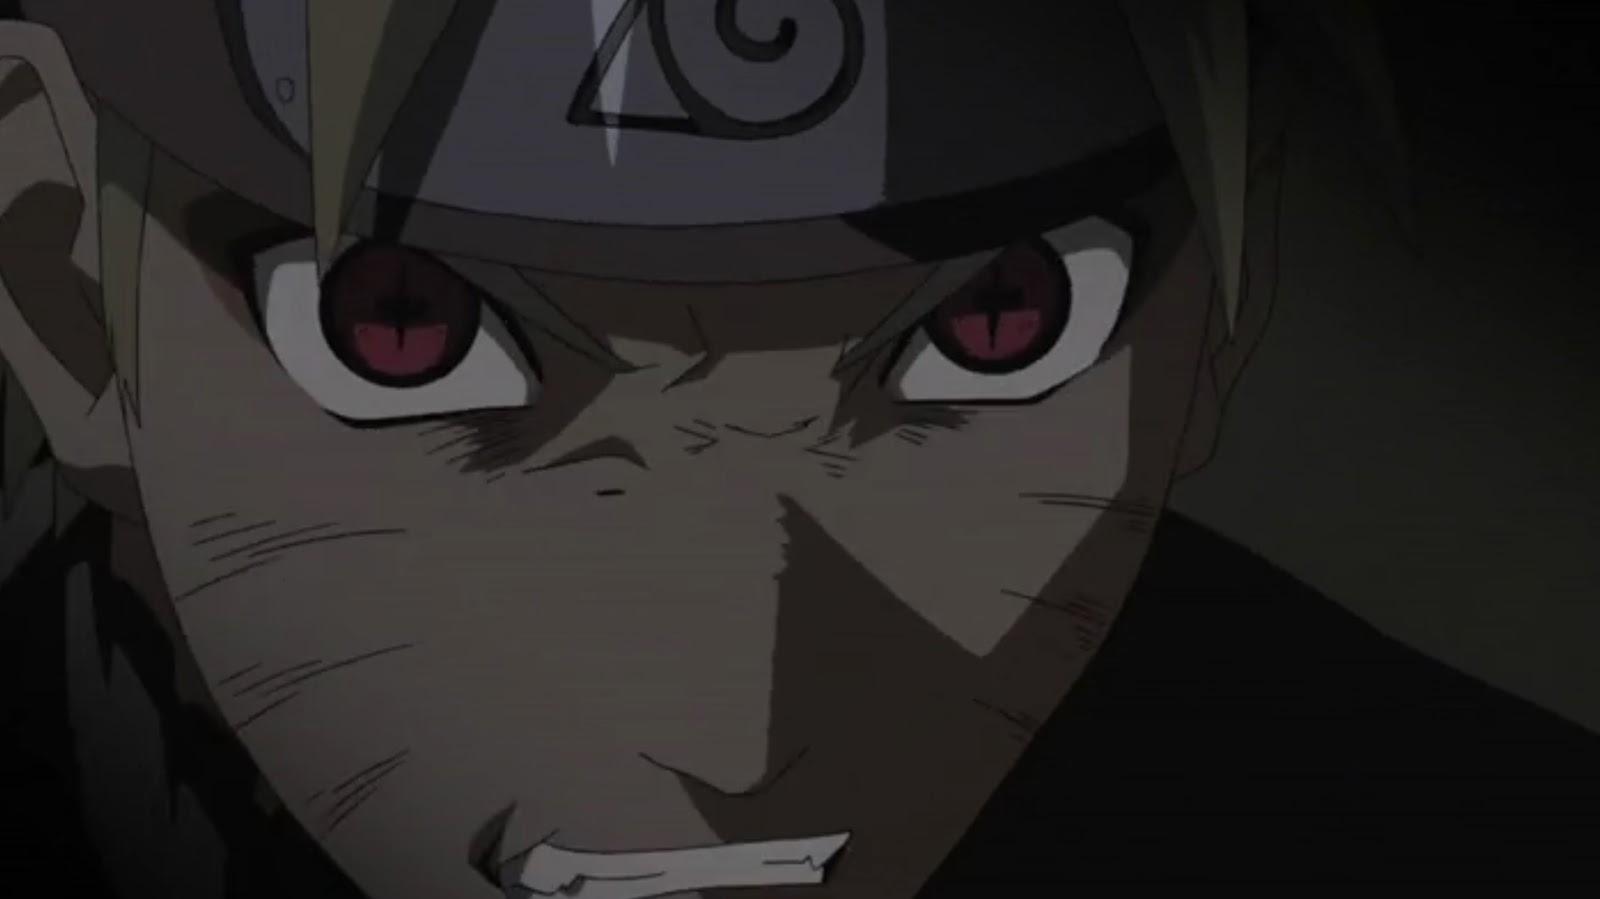 Naruto Shippuden Episódio 169, Assistir Naruto Shippuden Episódio 169, Assistir Naruto Shippuden Todos os Episódios Legendado, Naruto Shippuden episódio 169,HD